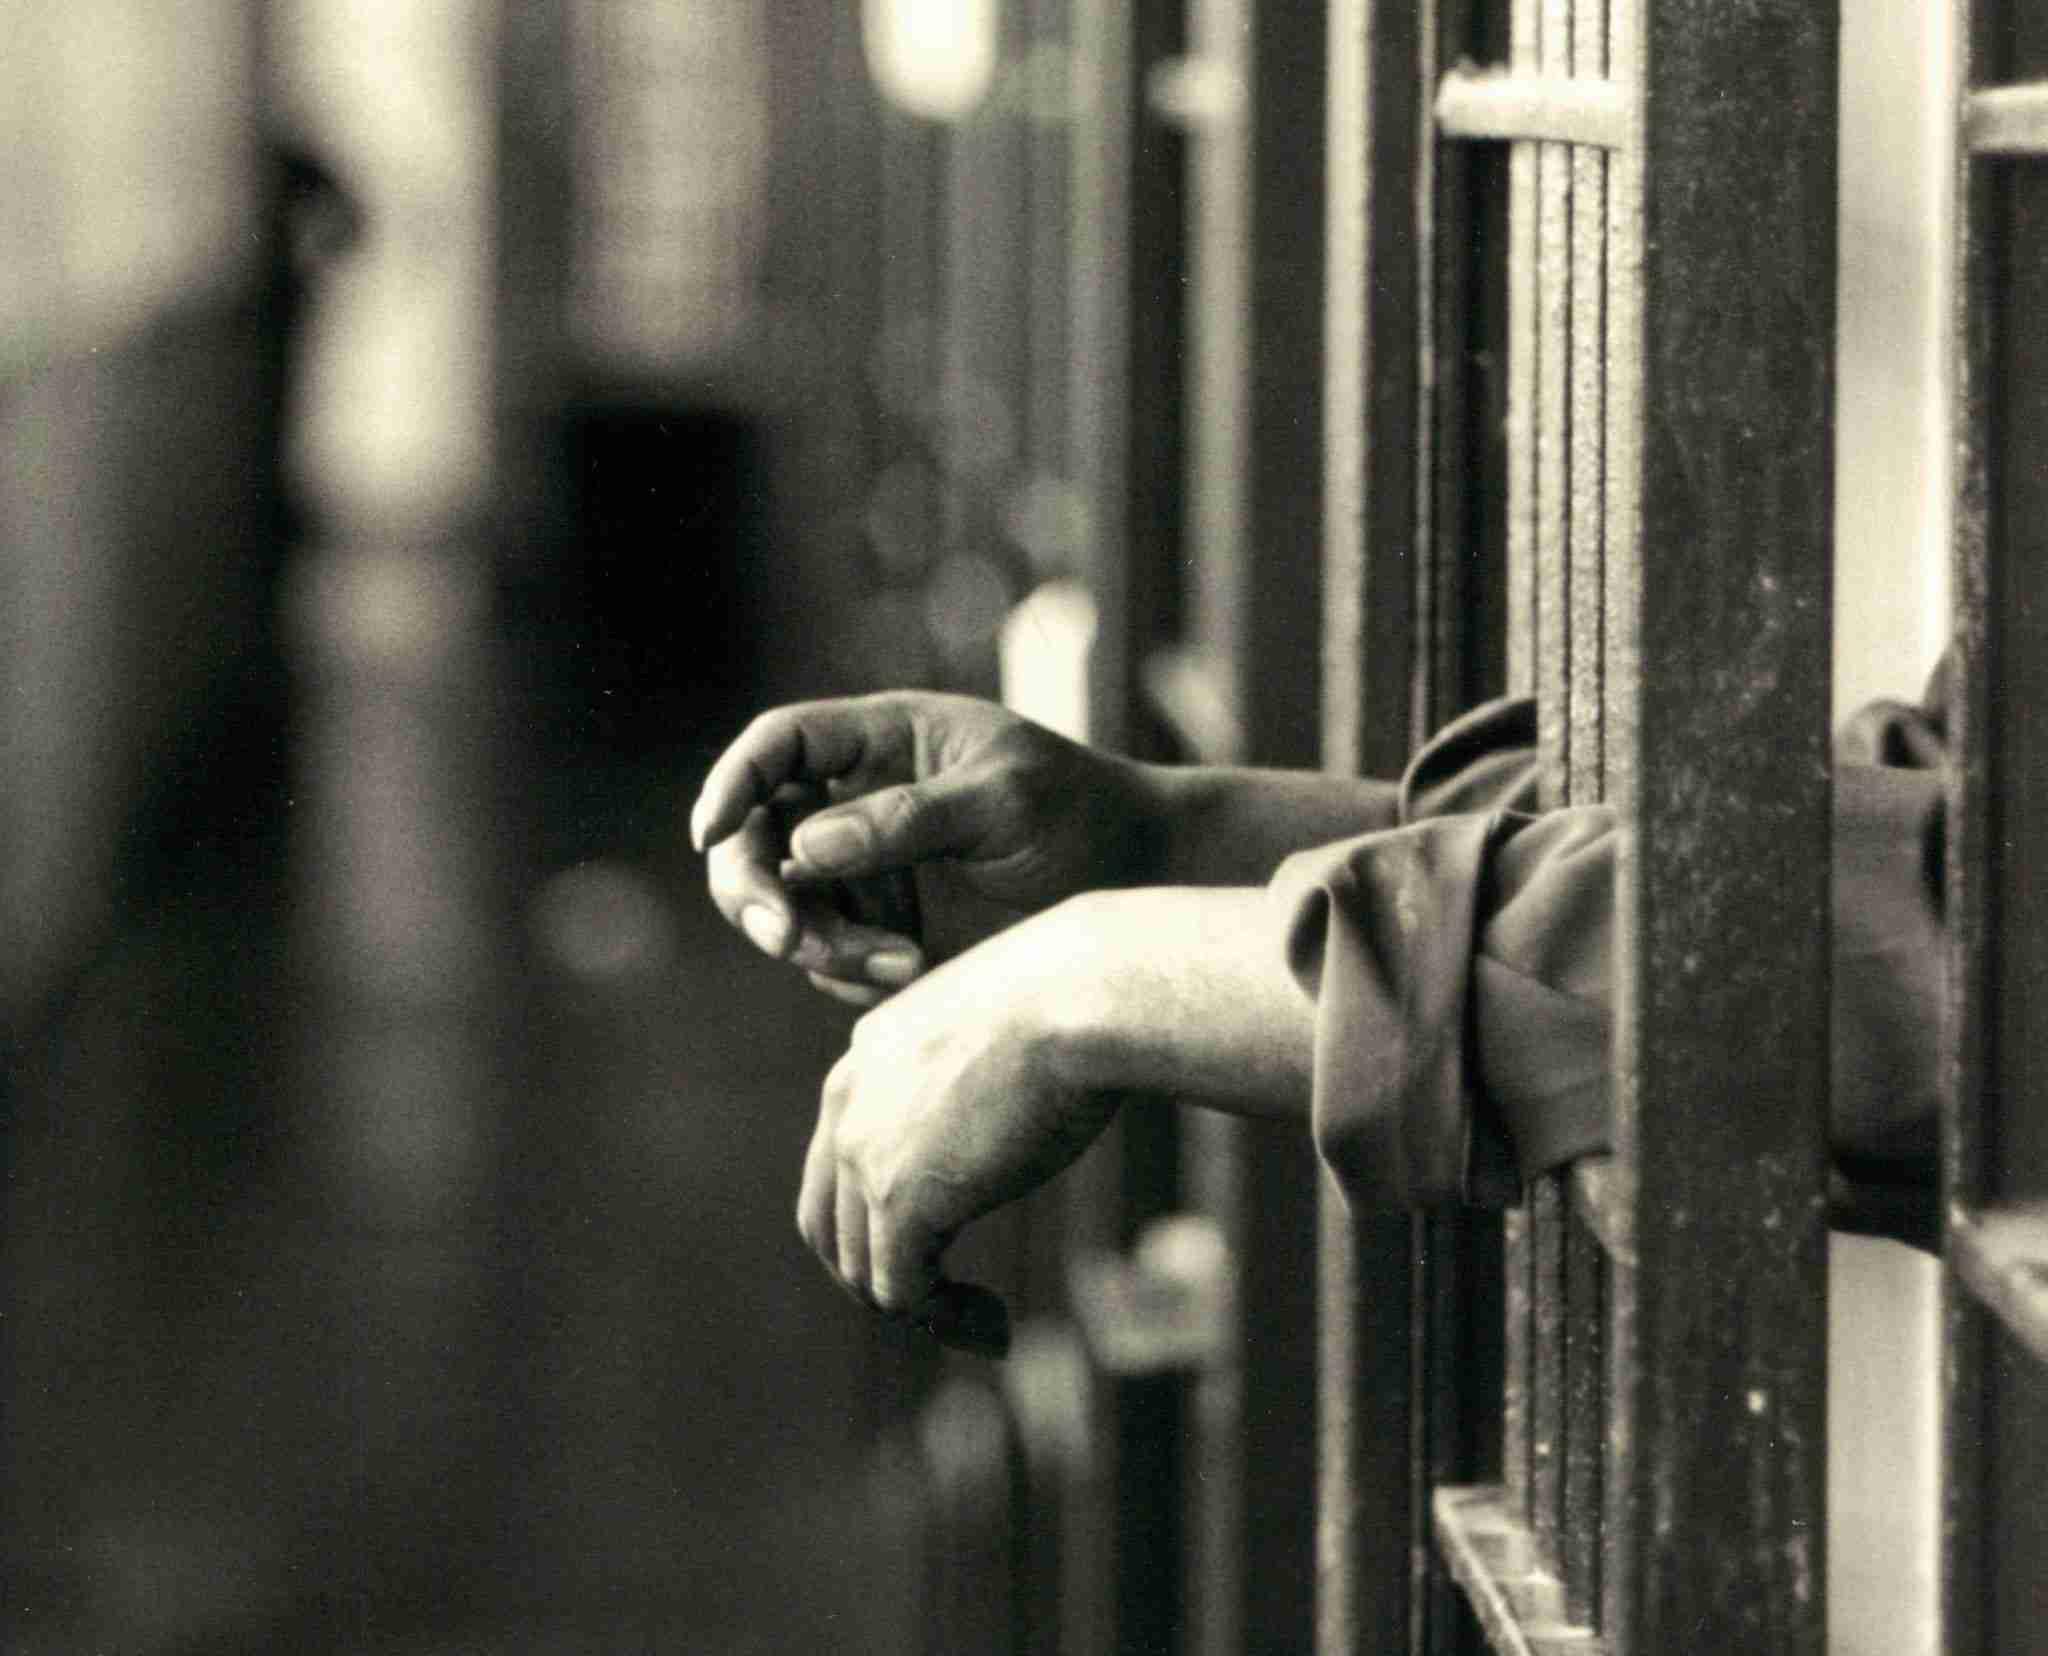 behind bars  02